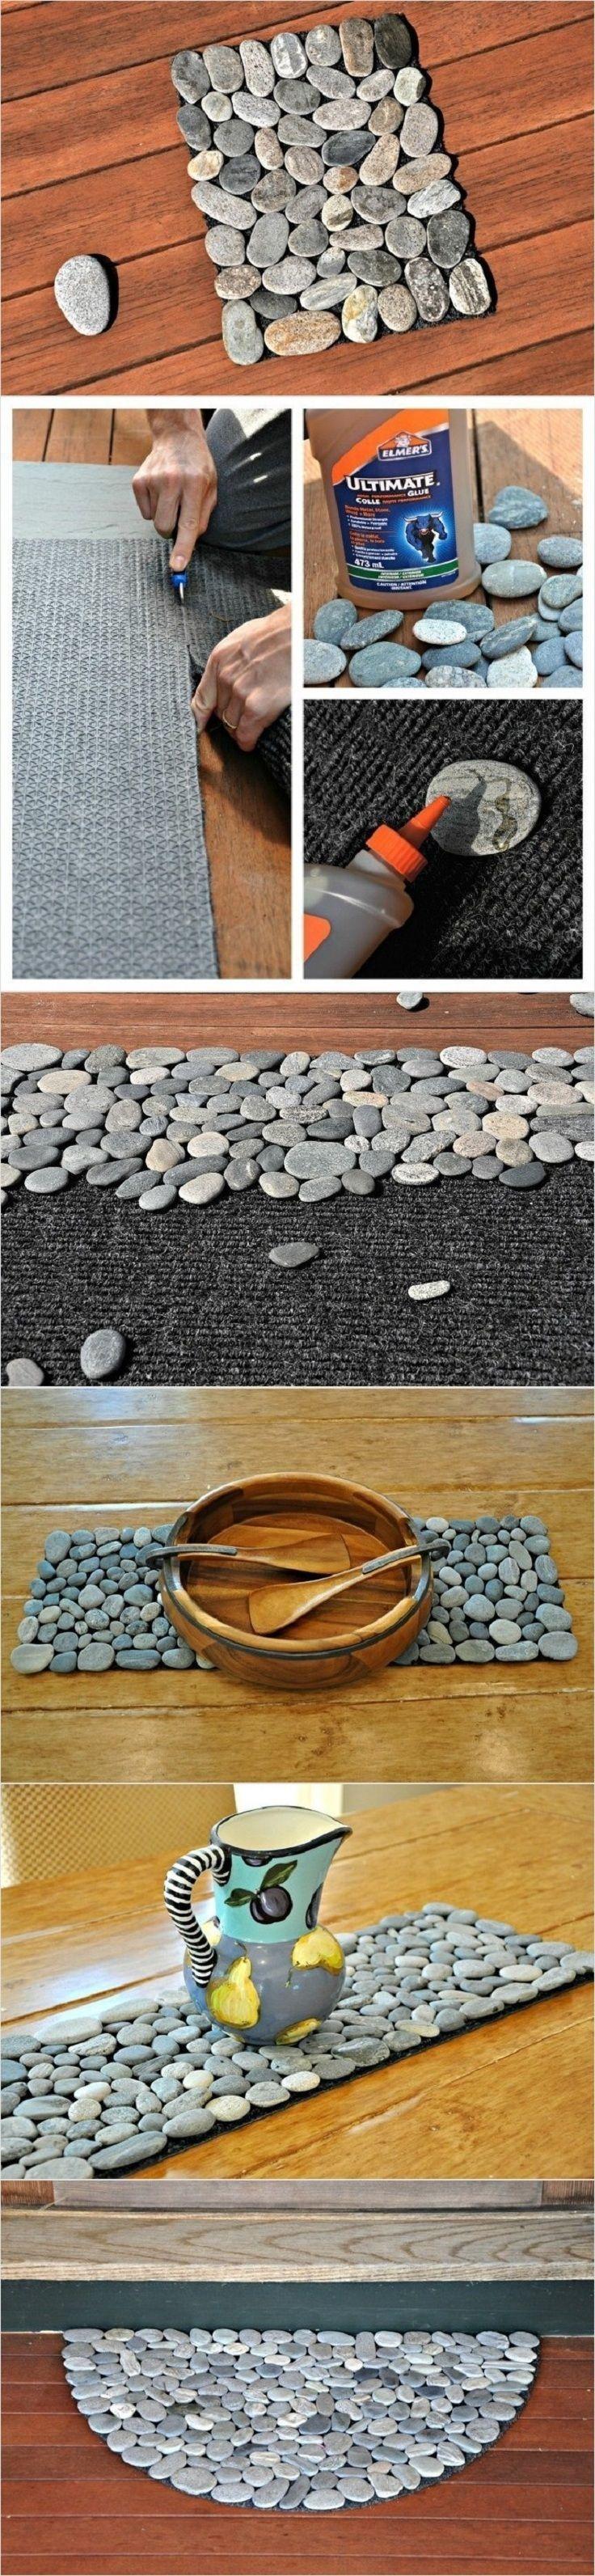 Cuadro con piedras de río.